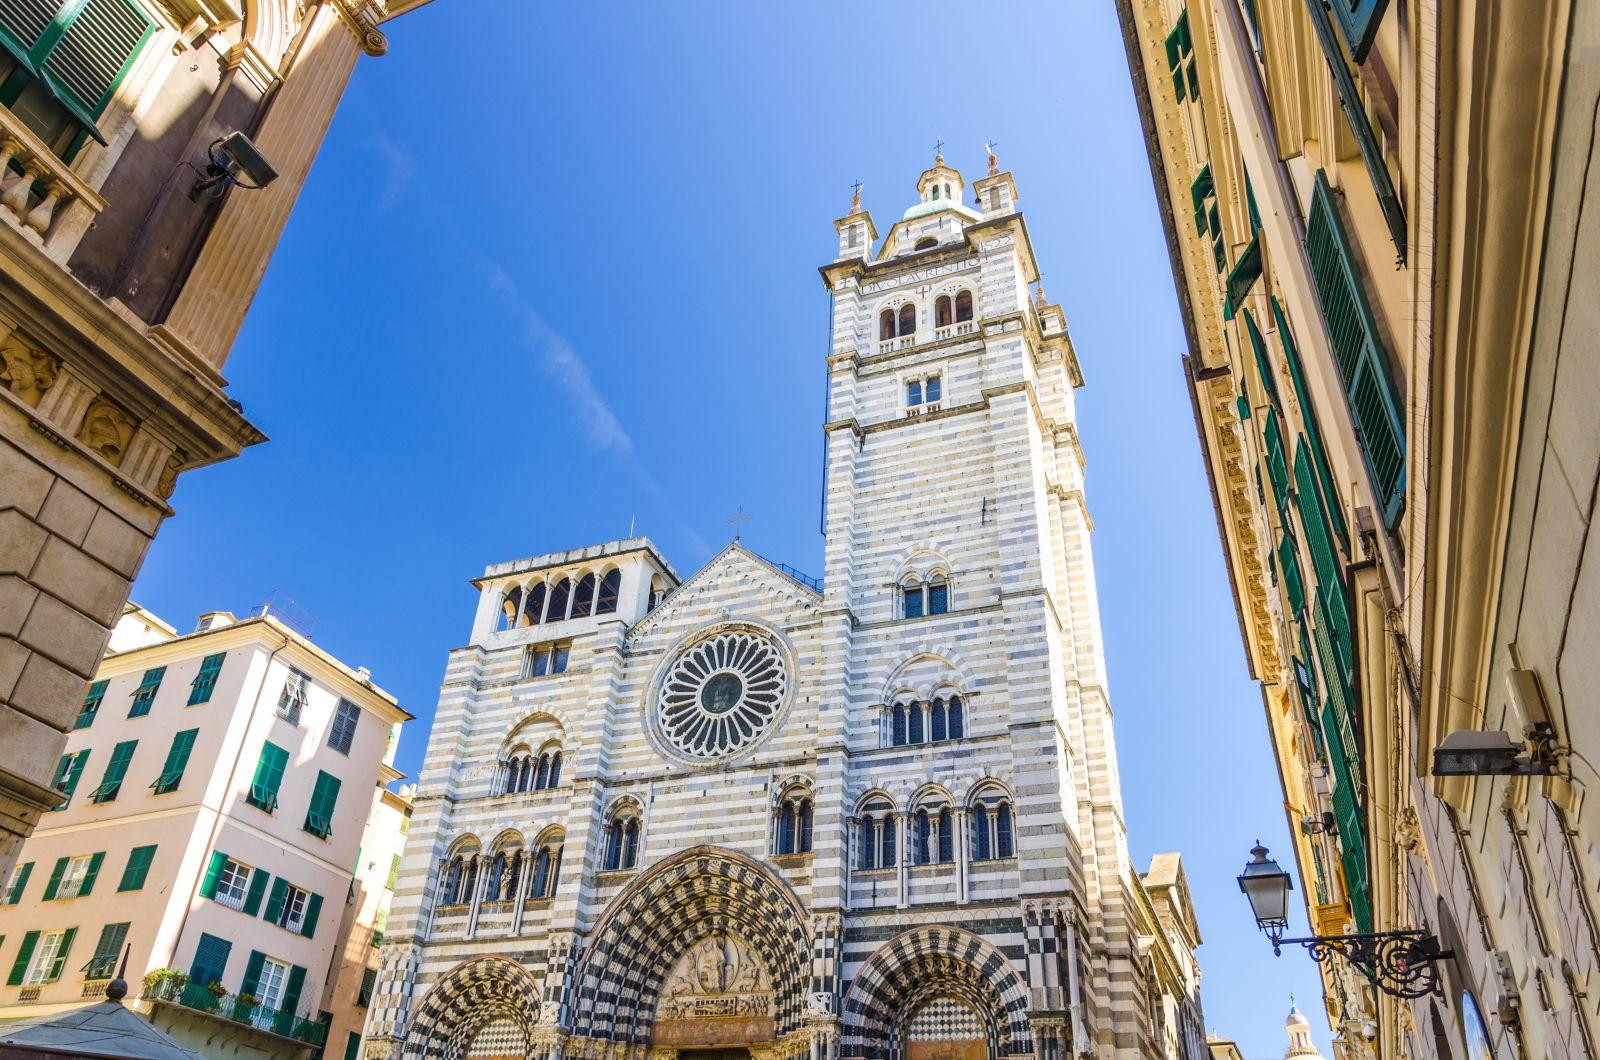 In Genua stehen noch viele Palazzi, Kirchen und Kathedralen. Auf Touren erfährt man die Geschichten dahinter. ©Aliaksandr/AdobeStock